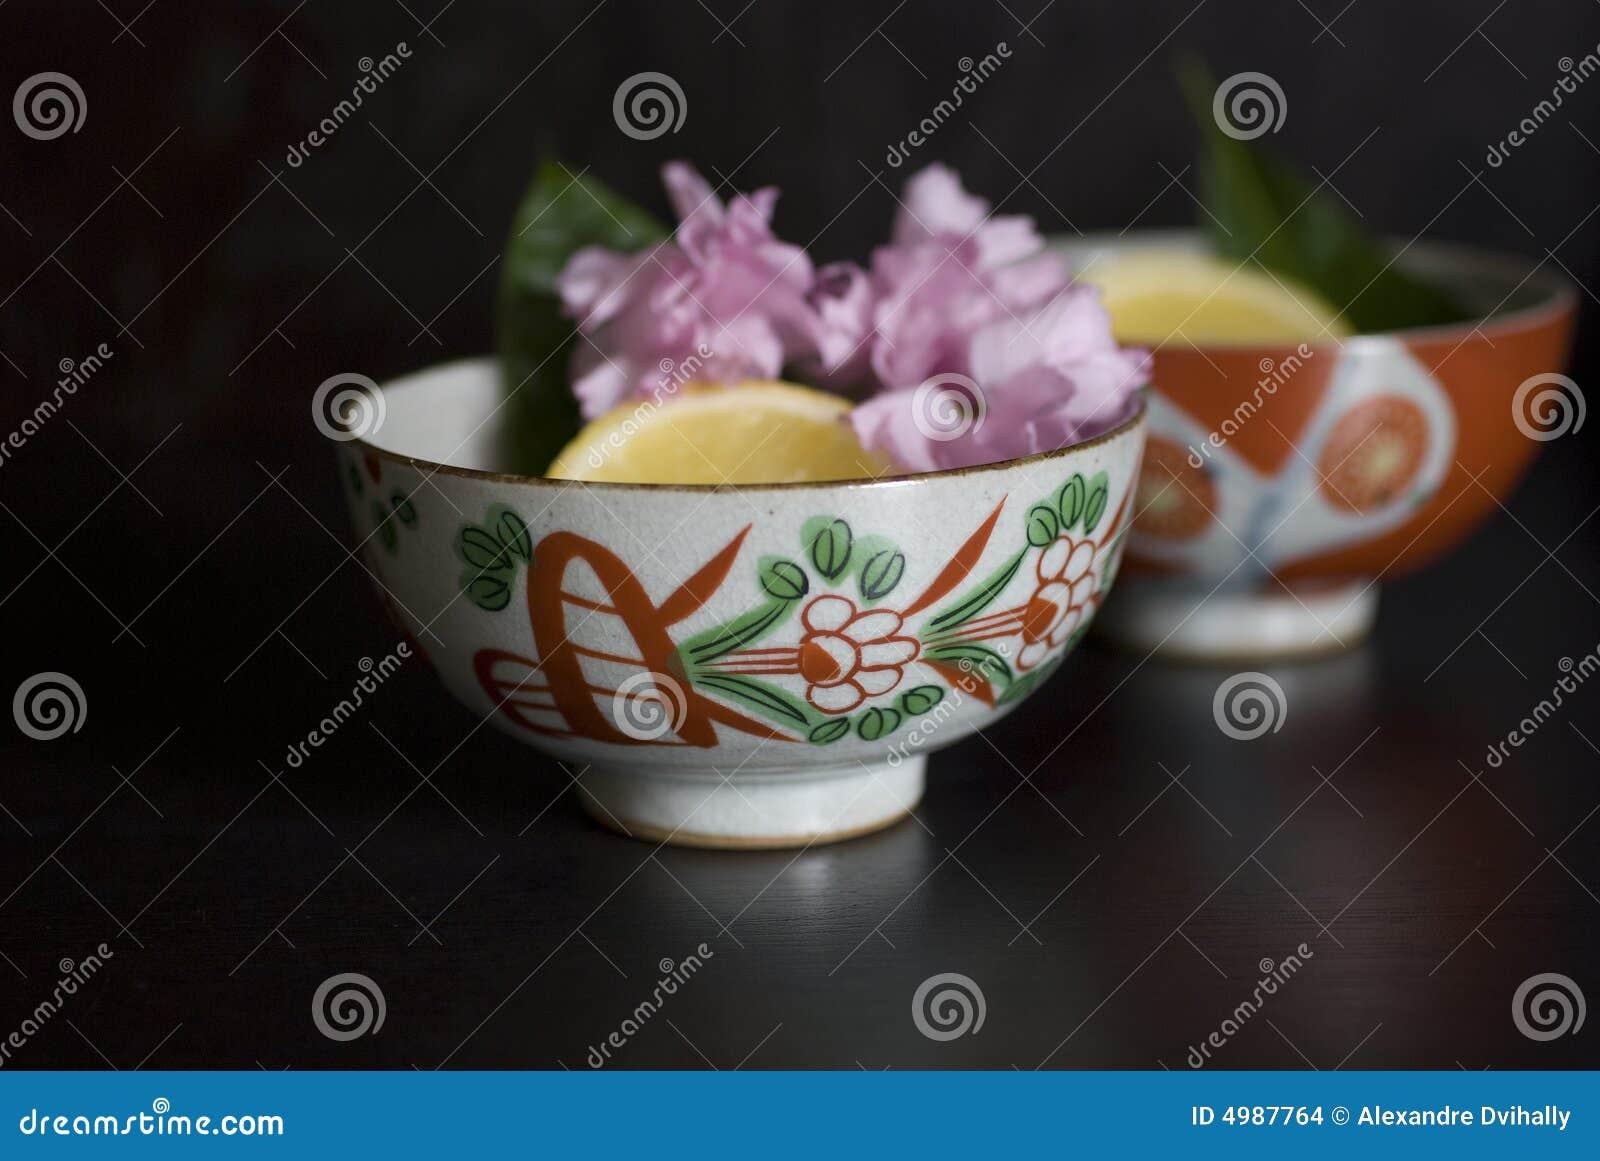 Asian Tea Cup 15